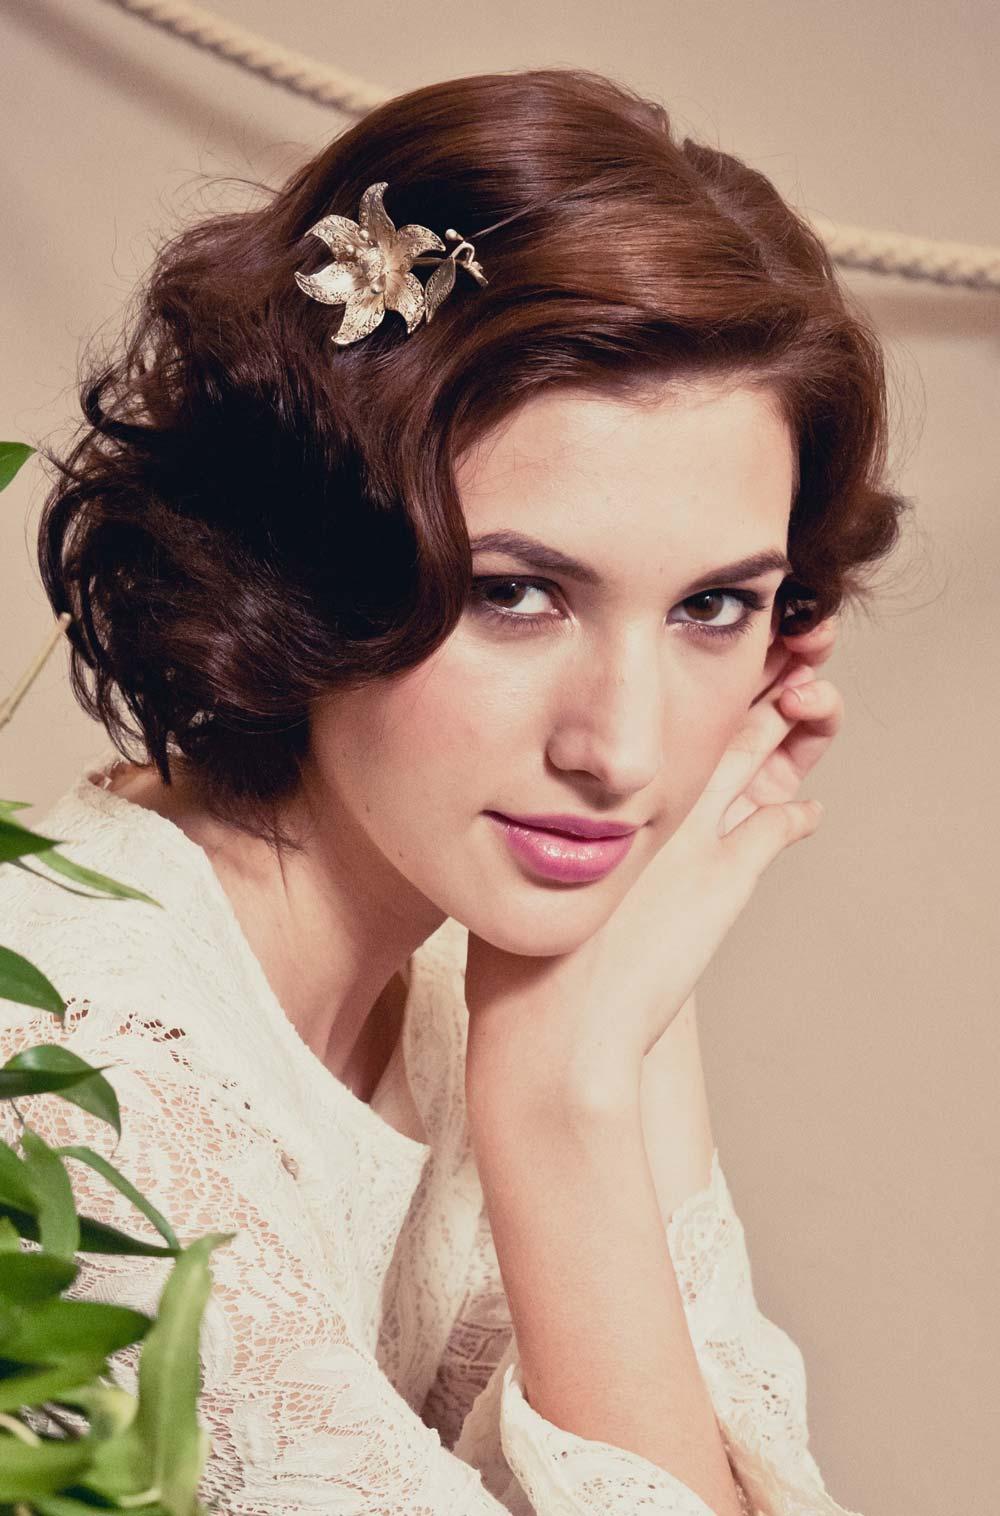 Penteados de casamento mais inspirador e fácil com encantadores headpieces